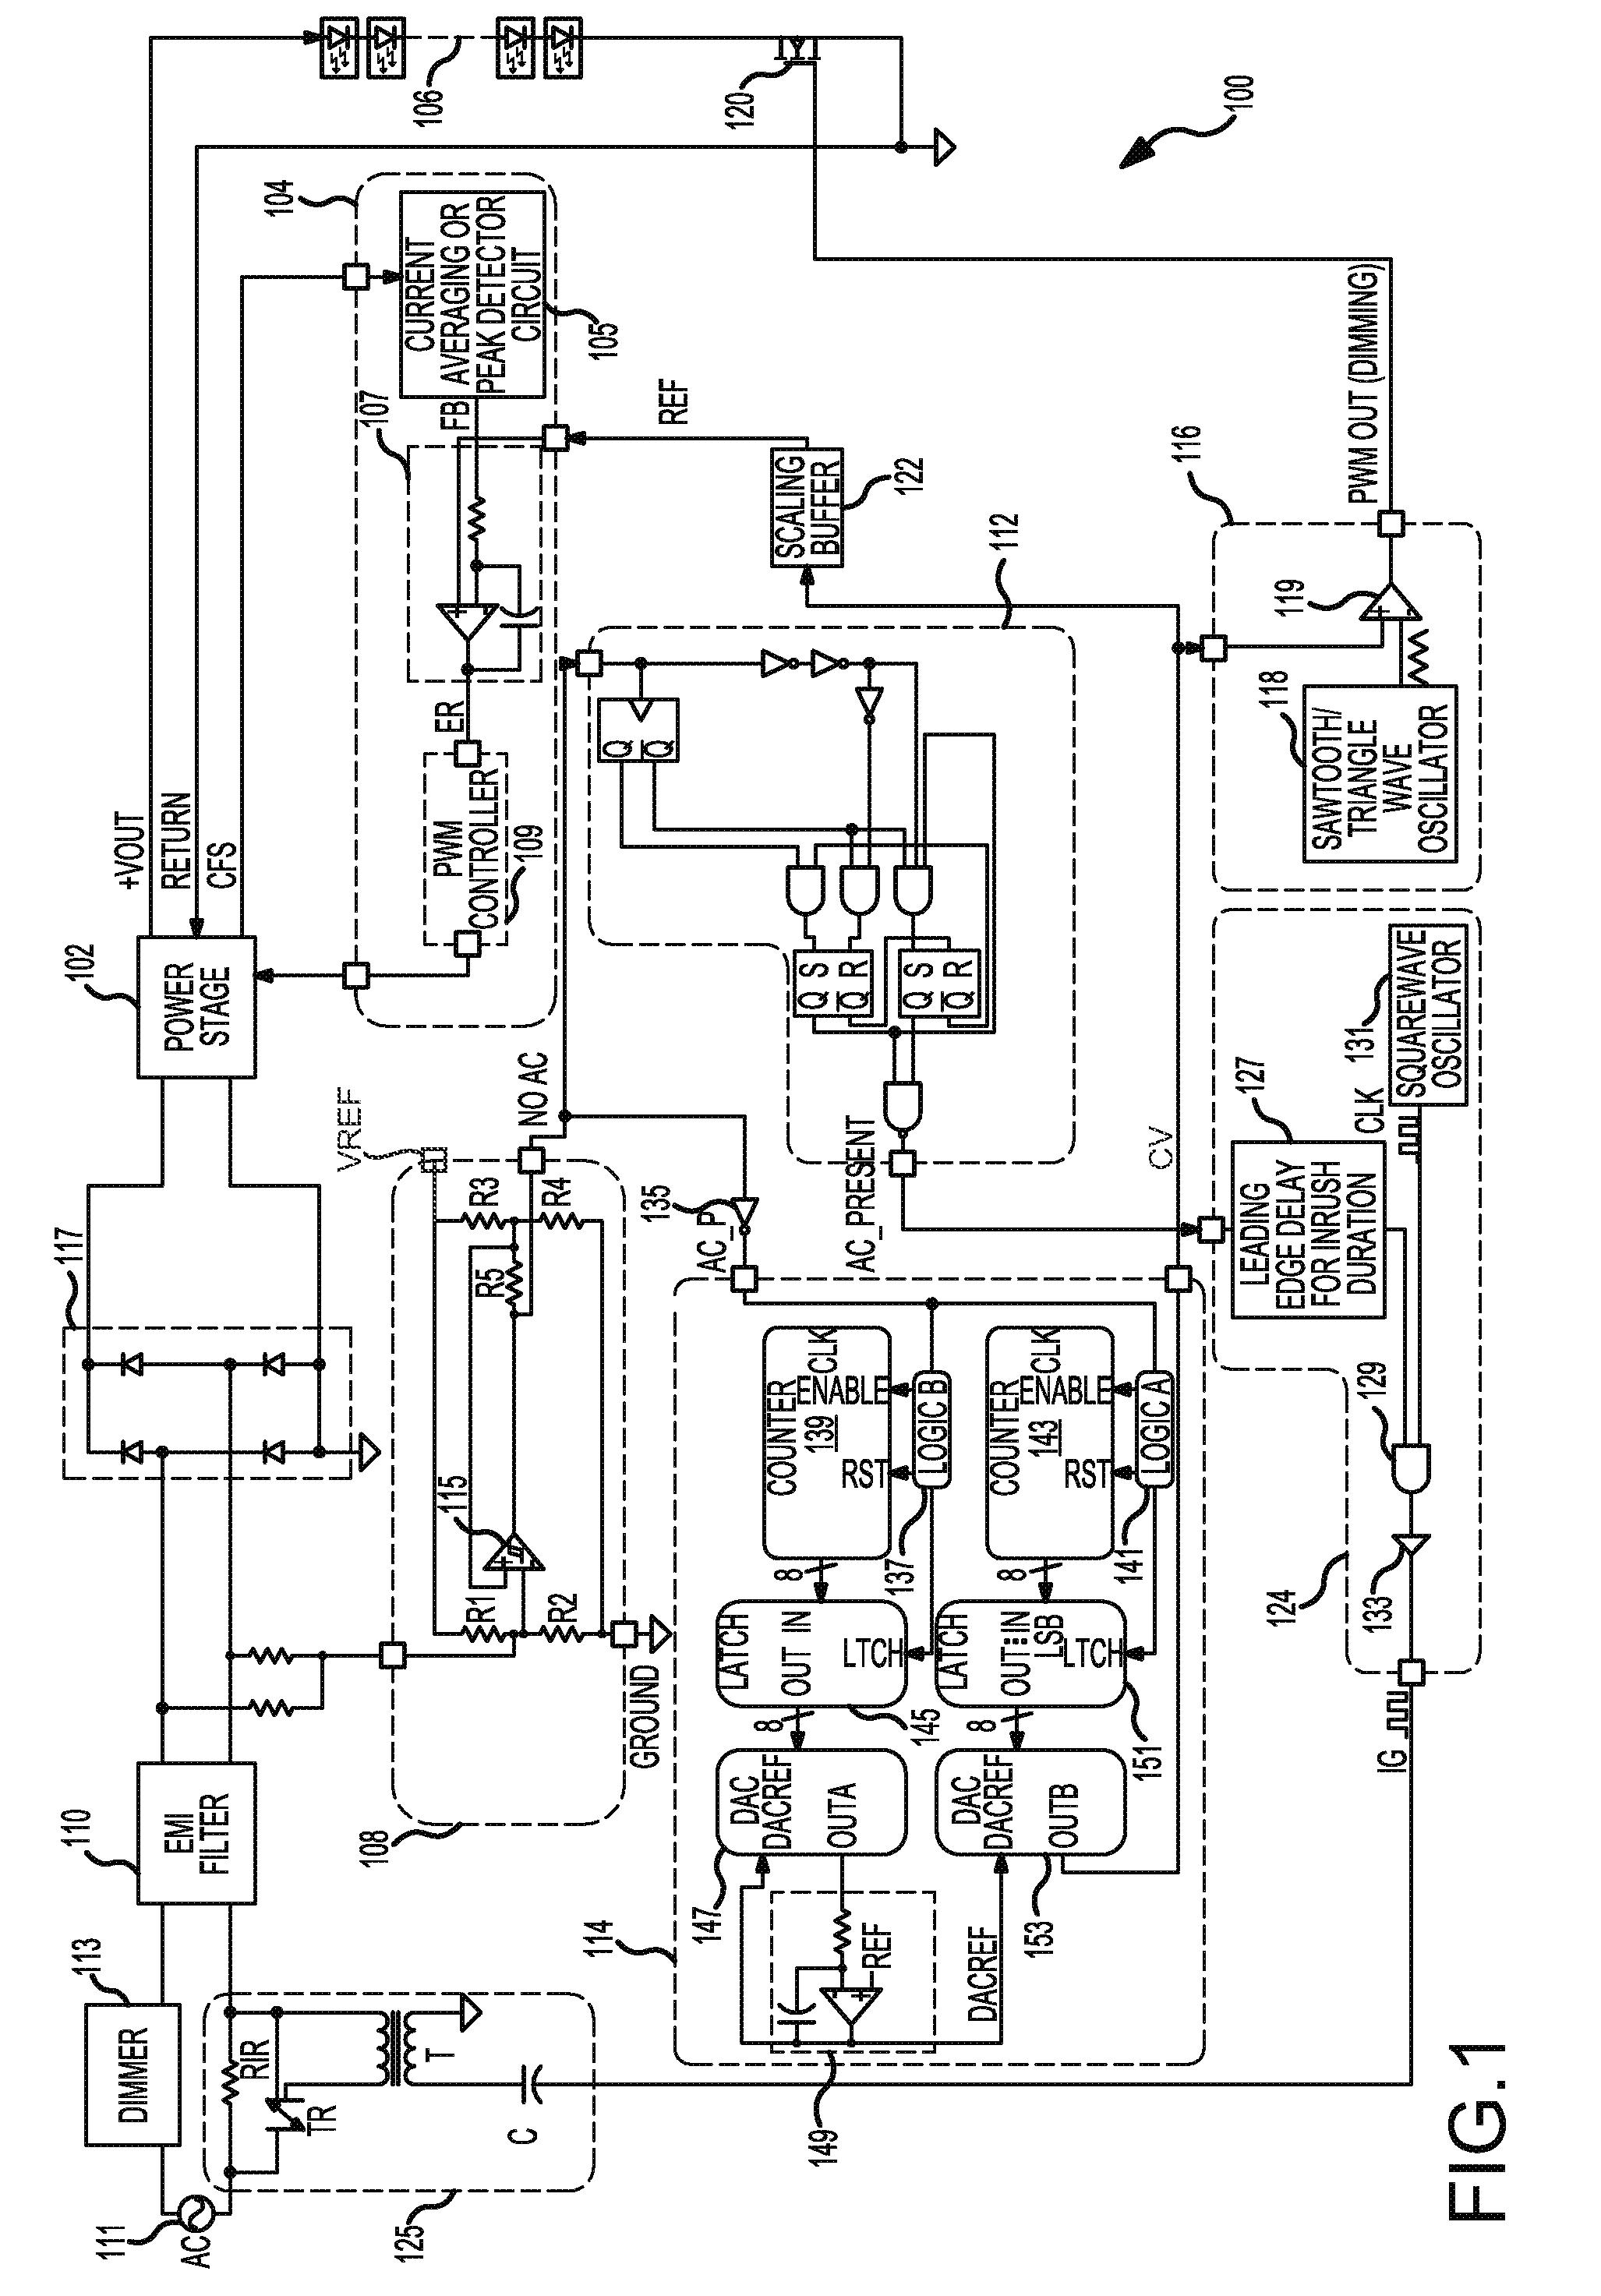 patent us8022634